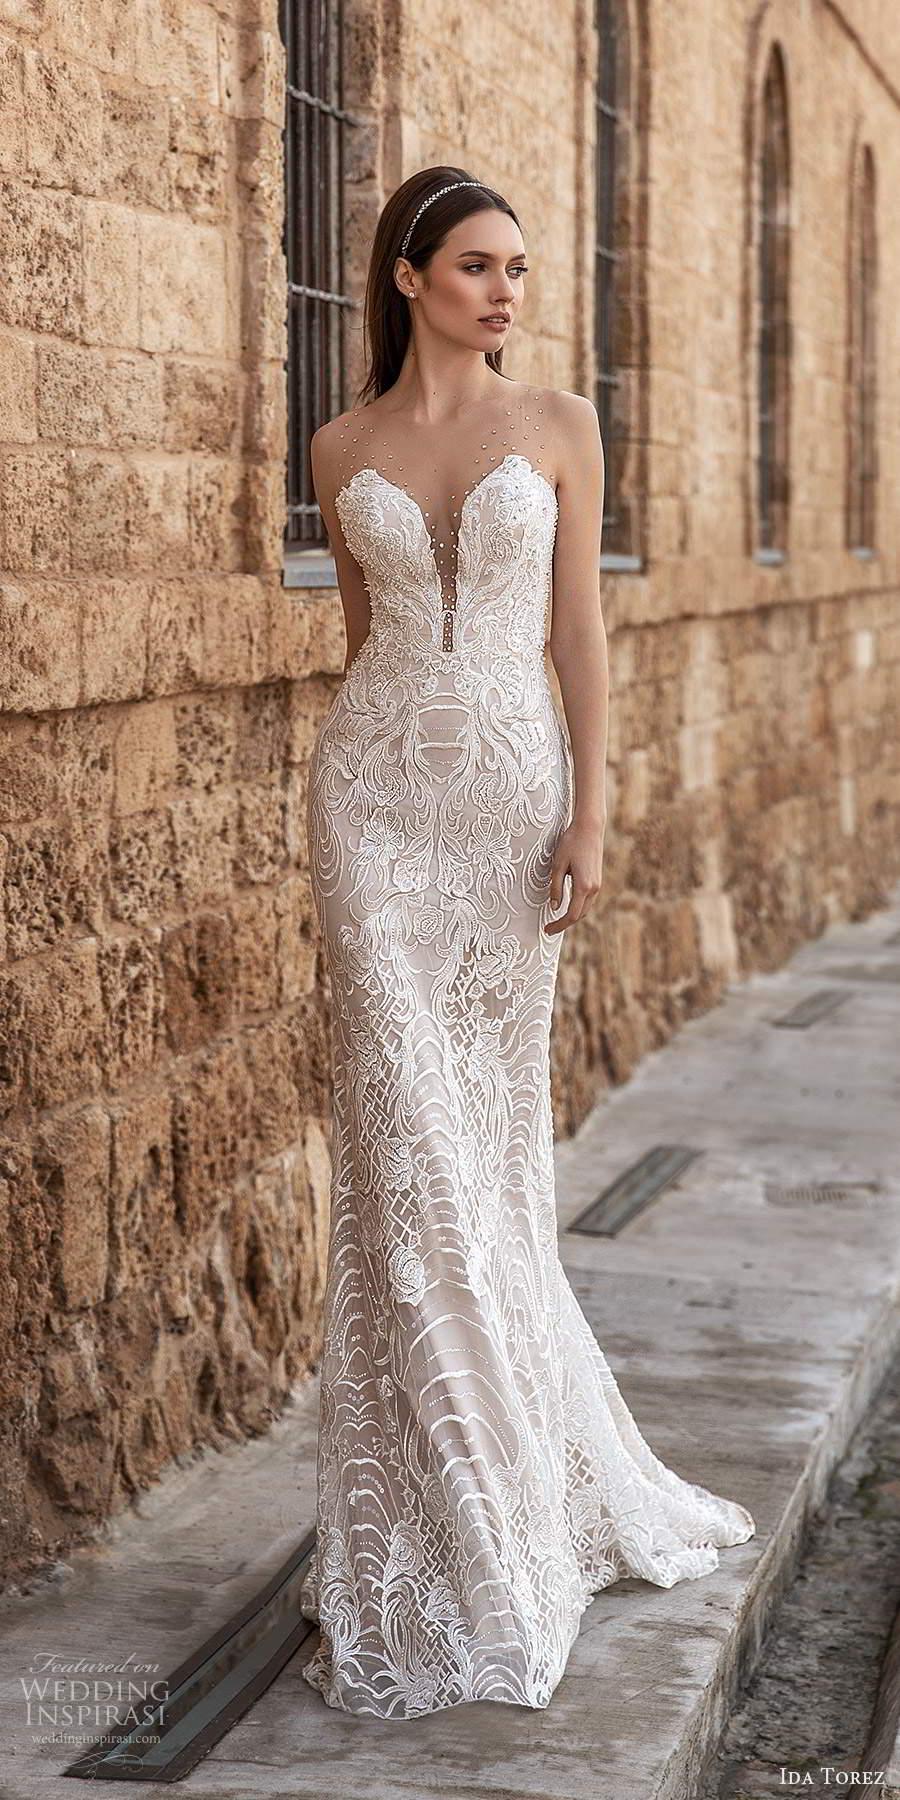 ida torez 2021 bridal sleeveless illusion straps plunging v neckline fully embellished lace sheath wedding dress chapel train (10) mv